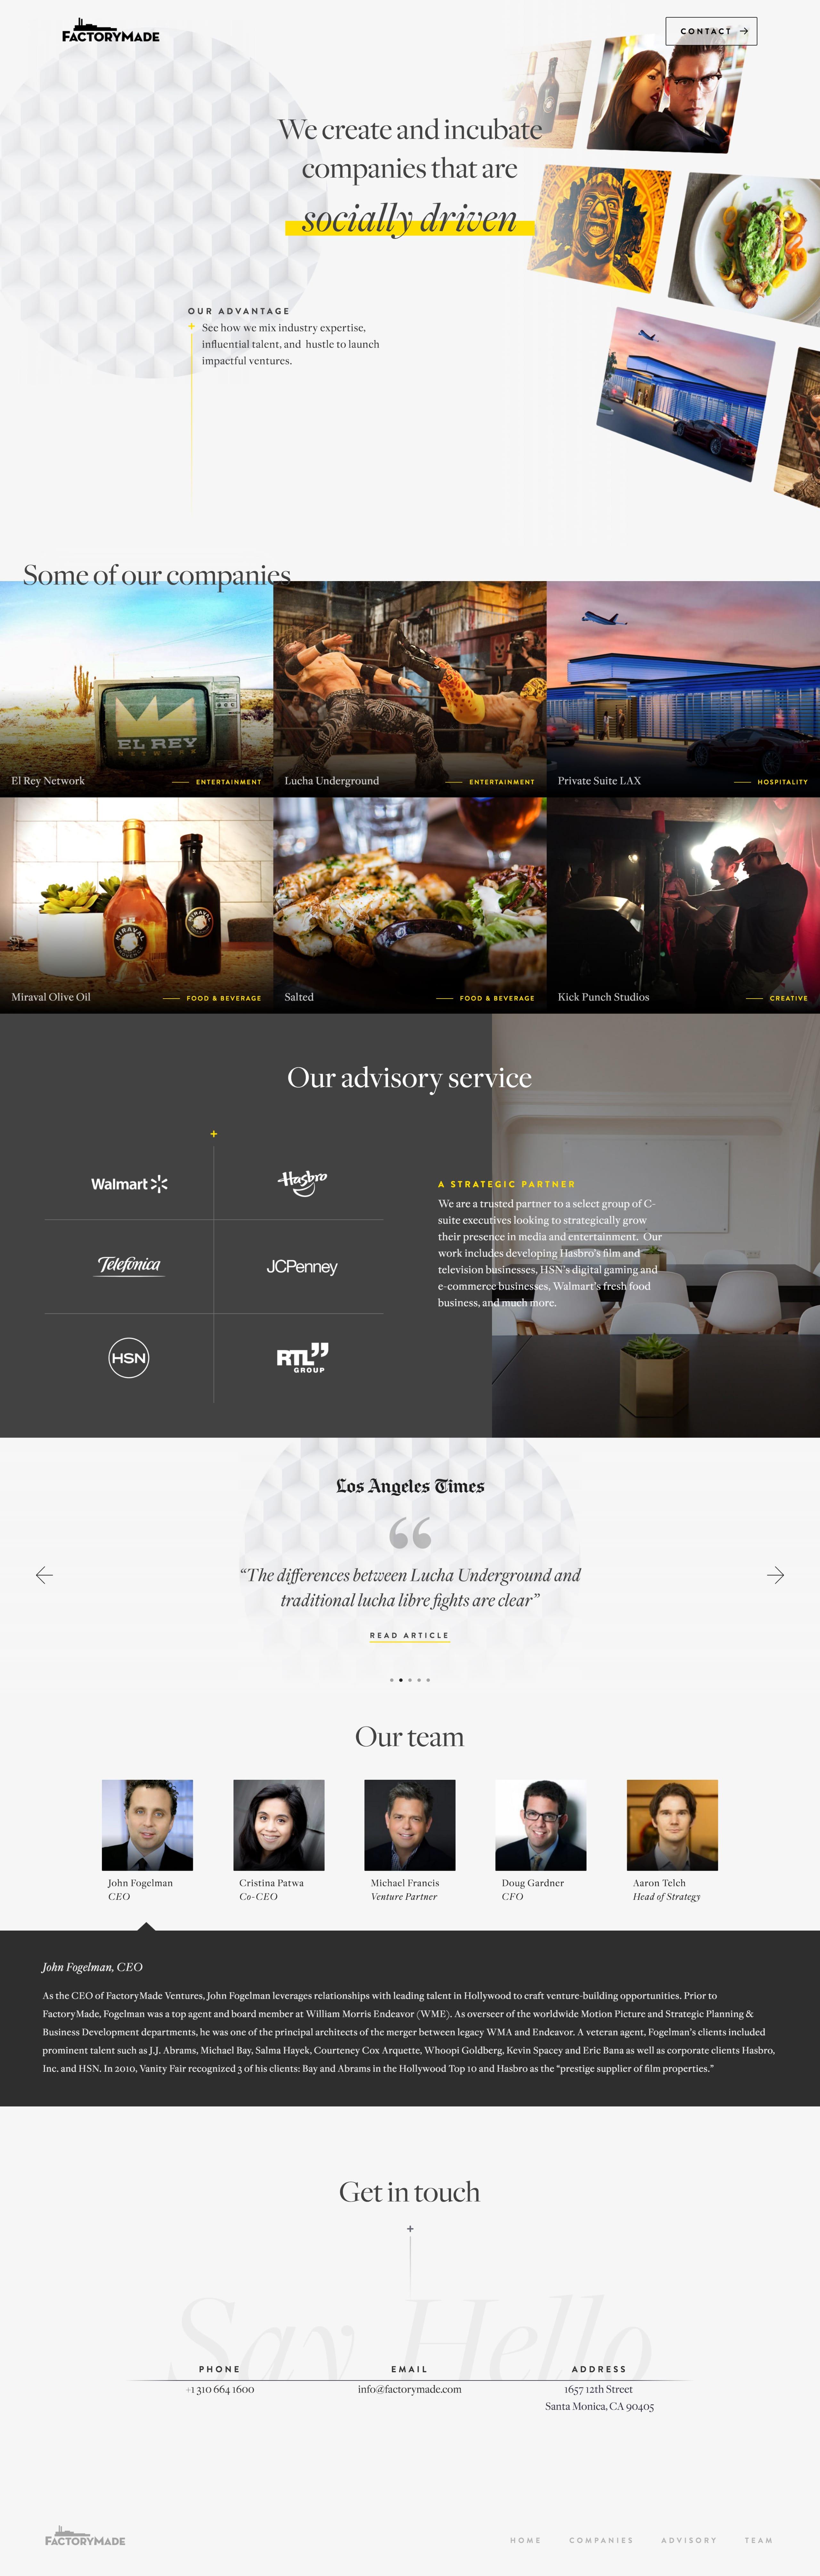 FactoryMade Website Screenshot